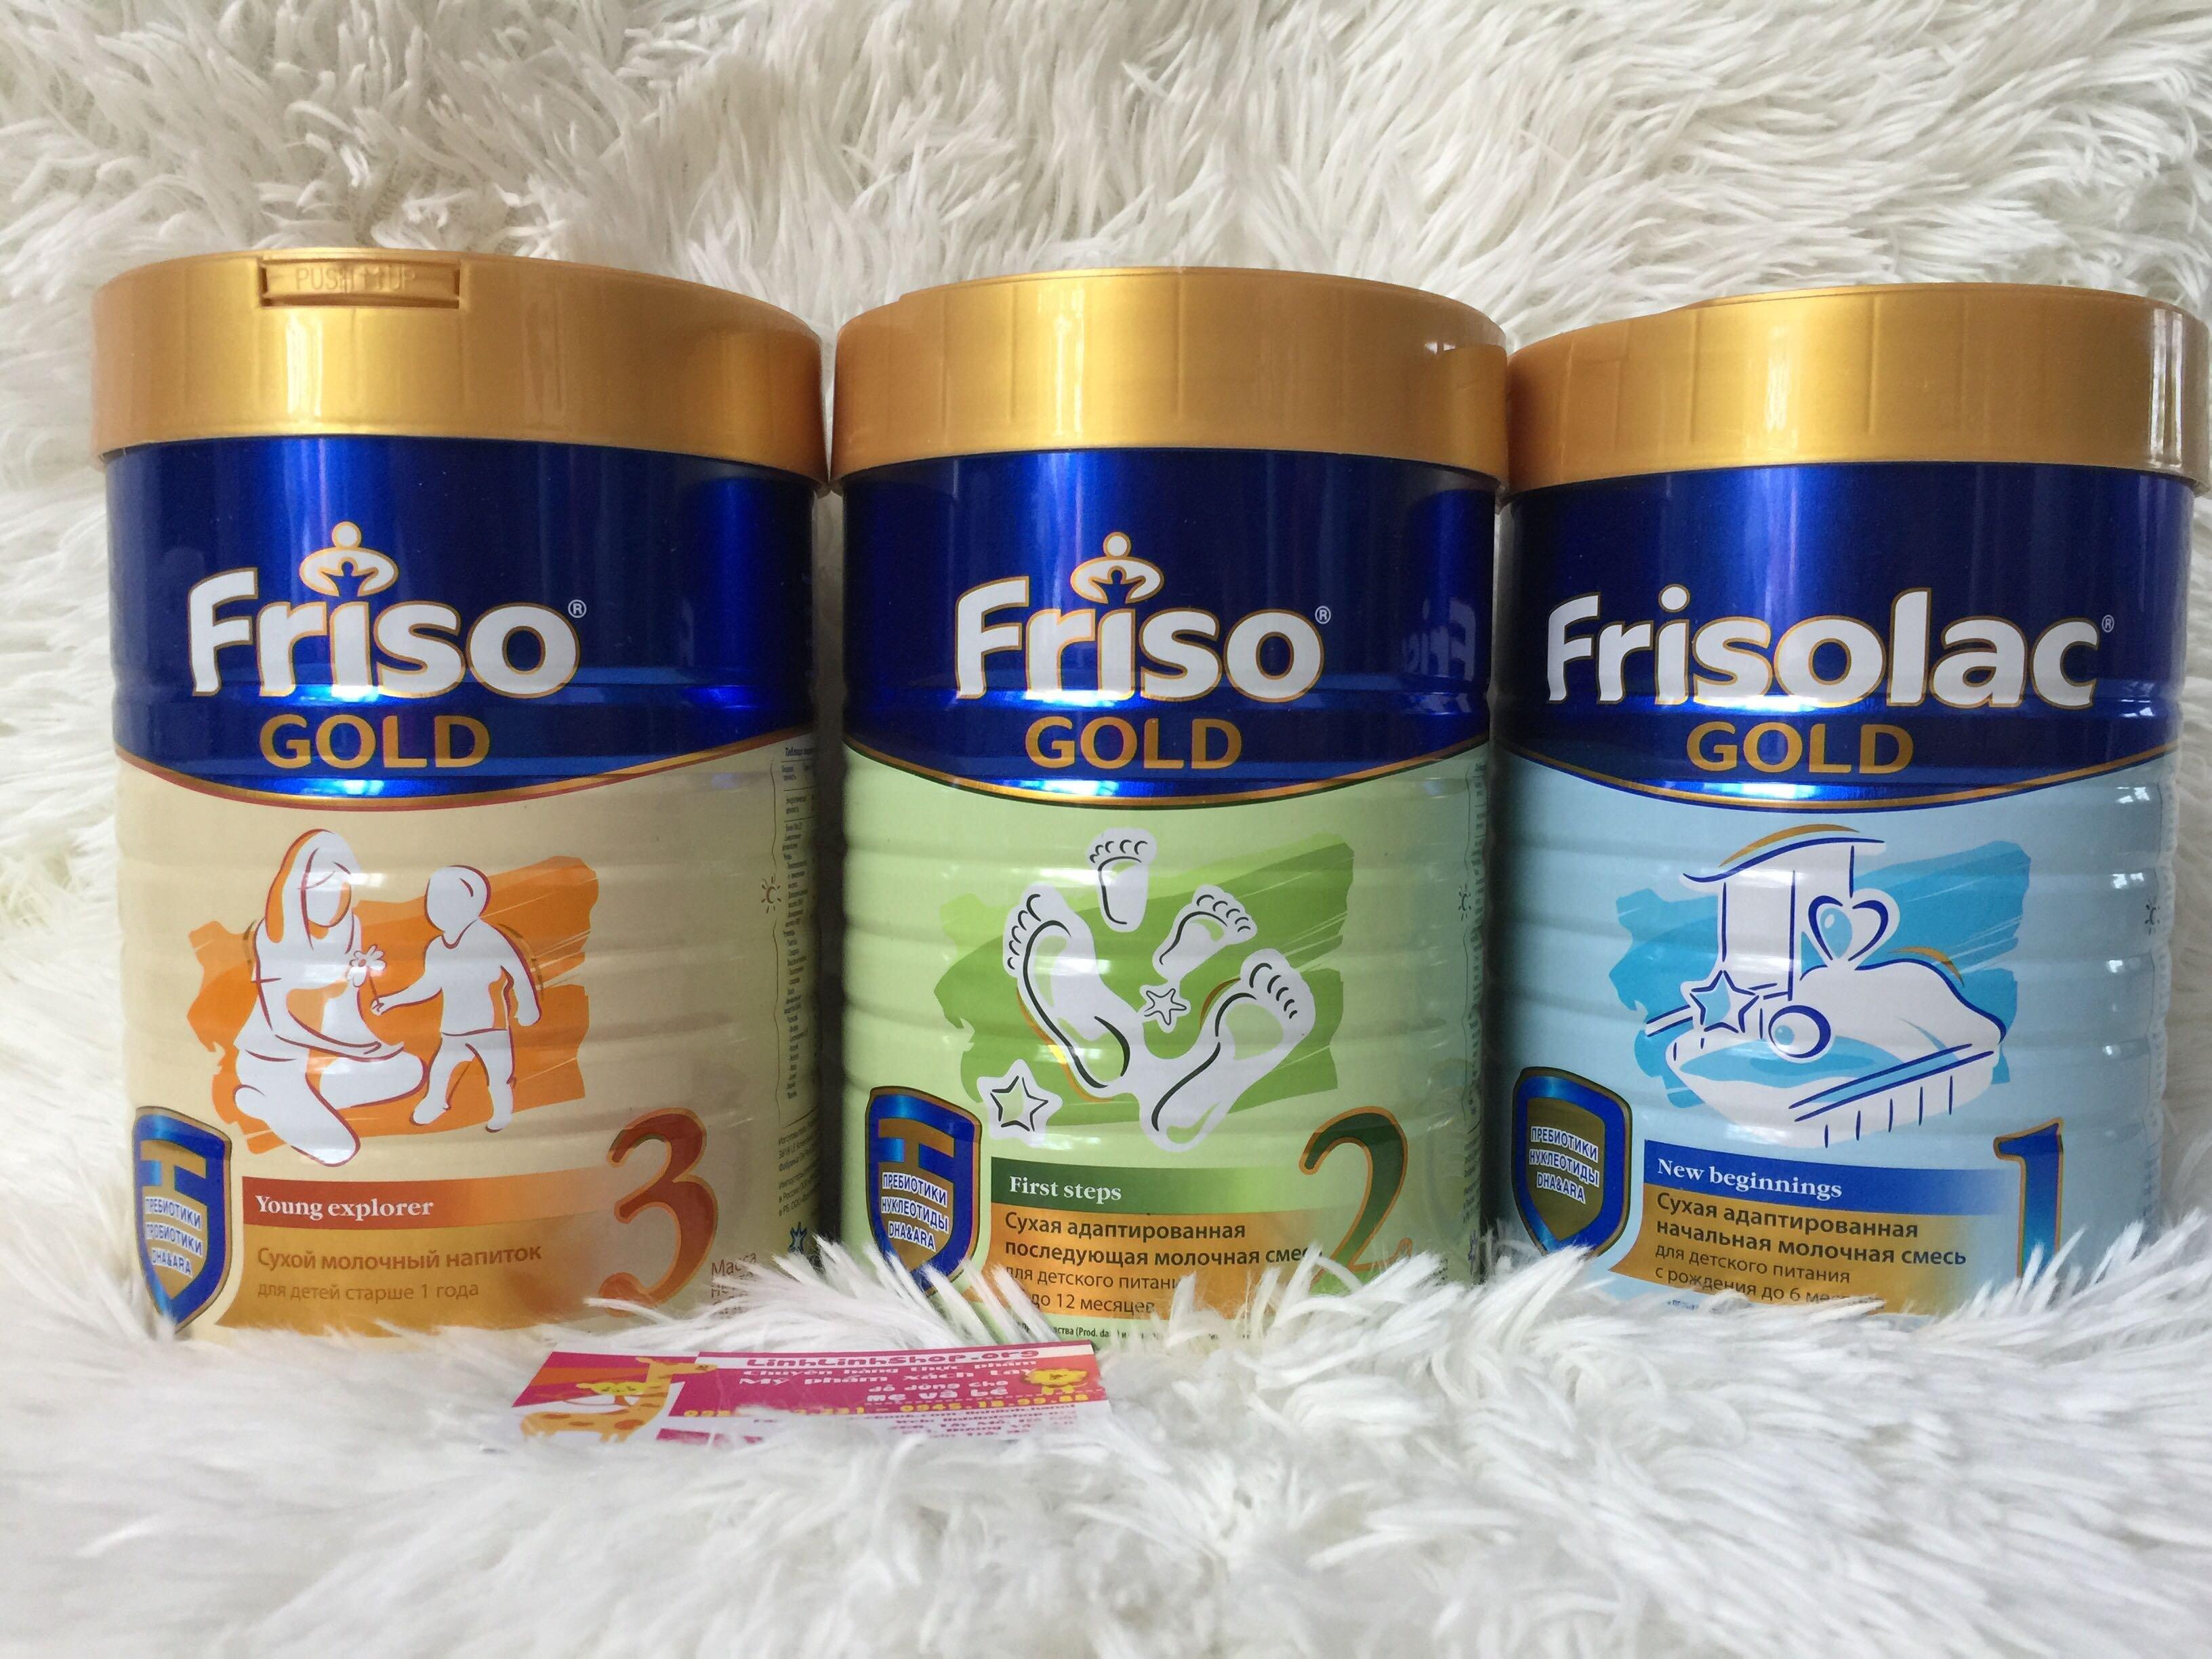 Sự khác biệt giữa hai dòng sữa Frisolac và Friso